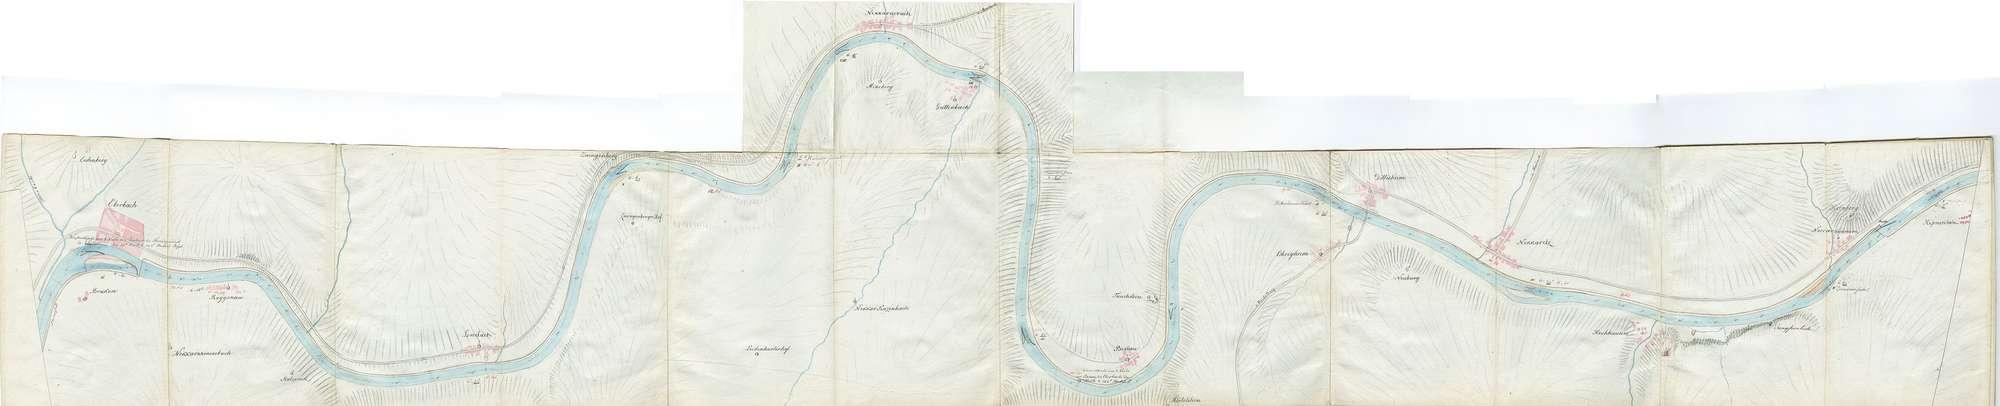 Karte über den Lauf des Neckars von Mannheim bis Heilbronn, Blatt II: Eberbach - Haßmersheim, Bild 1